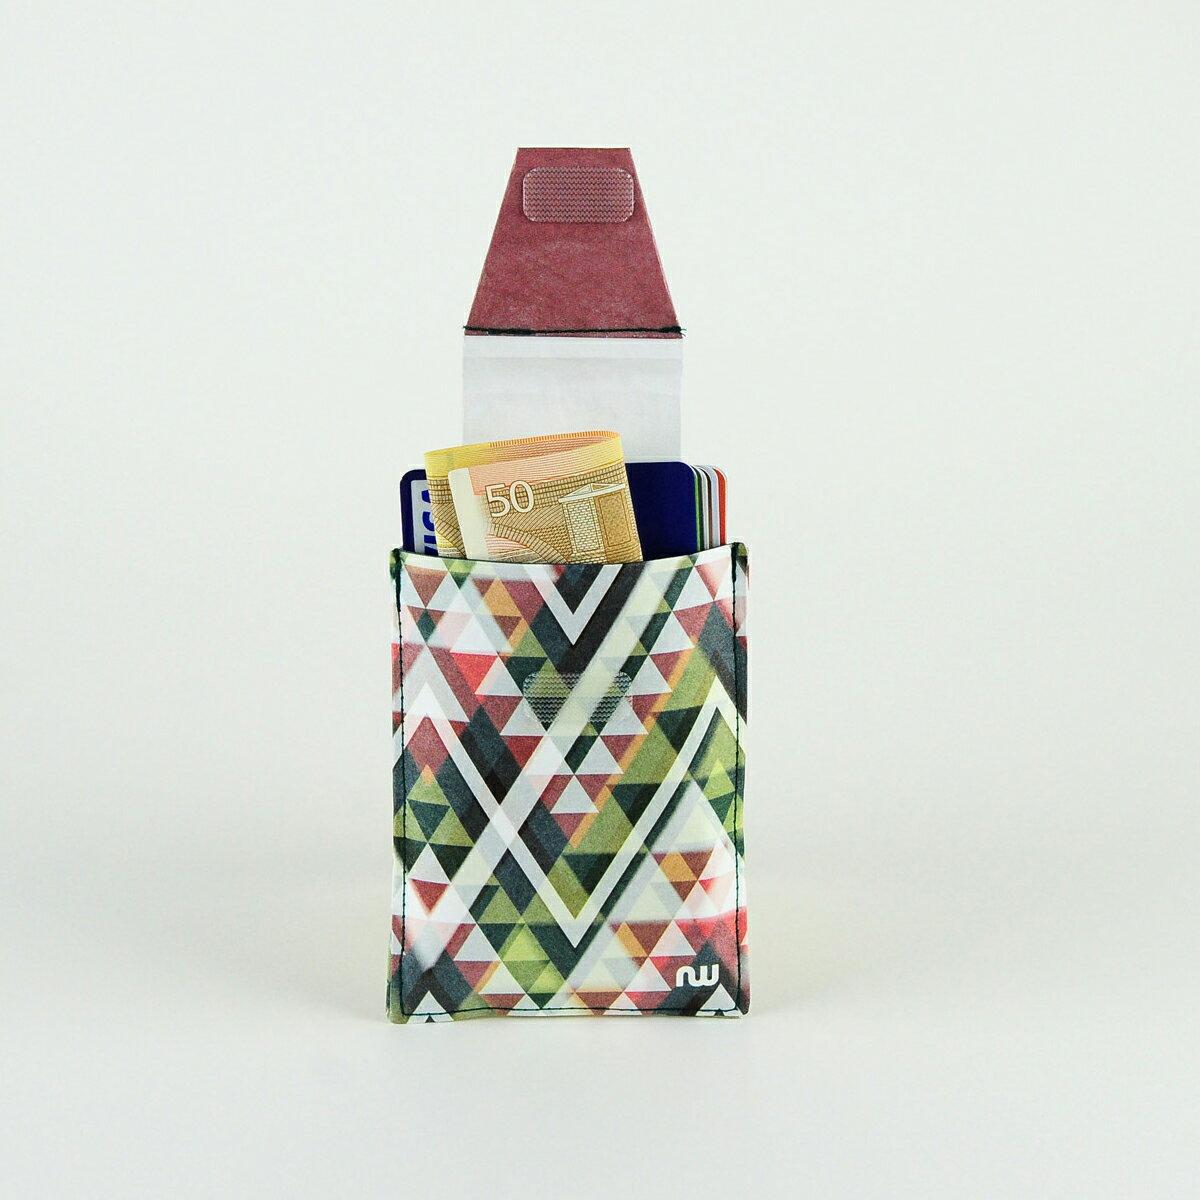 パスケース 定期入れ メンズ【送料無料】 カードホルダー カード入れ タイベック 名刺入れ メンズ レディース 男性 女性 ベルギー製 made in Belgium card case card holder tyvek ギフト 祝い プレゼント 【NOWA Move Up & Down】